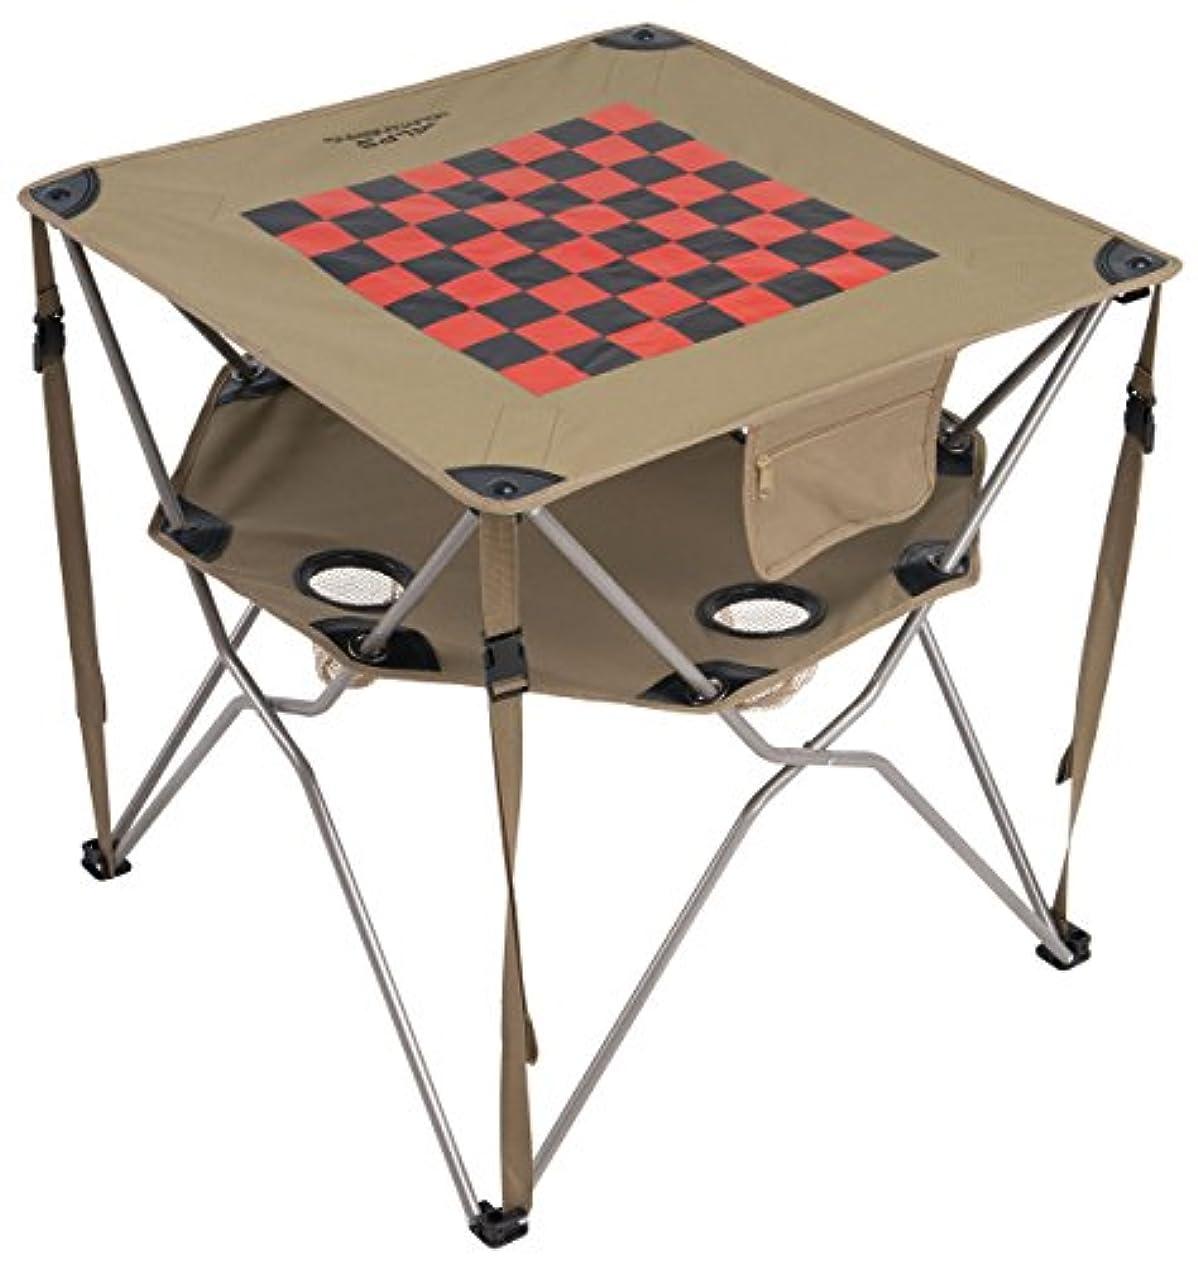 アグネスグレイ気質想定ALPS Mountaineering Eclipse Table with checkerboard top 折り畳みテーブル チェス盤?コマ付き ドリンクホルダー アルプスマウンテニアリング 日本正規品 tbwc